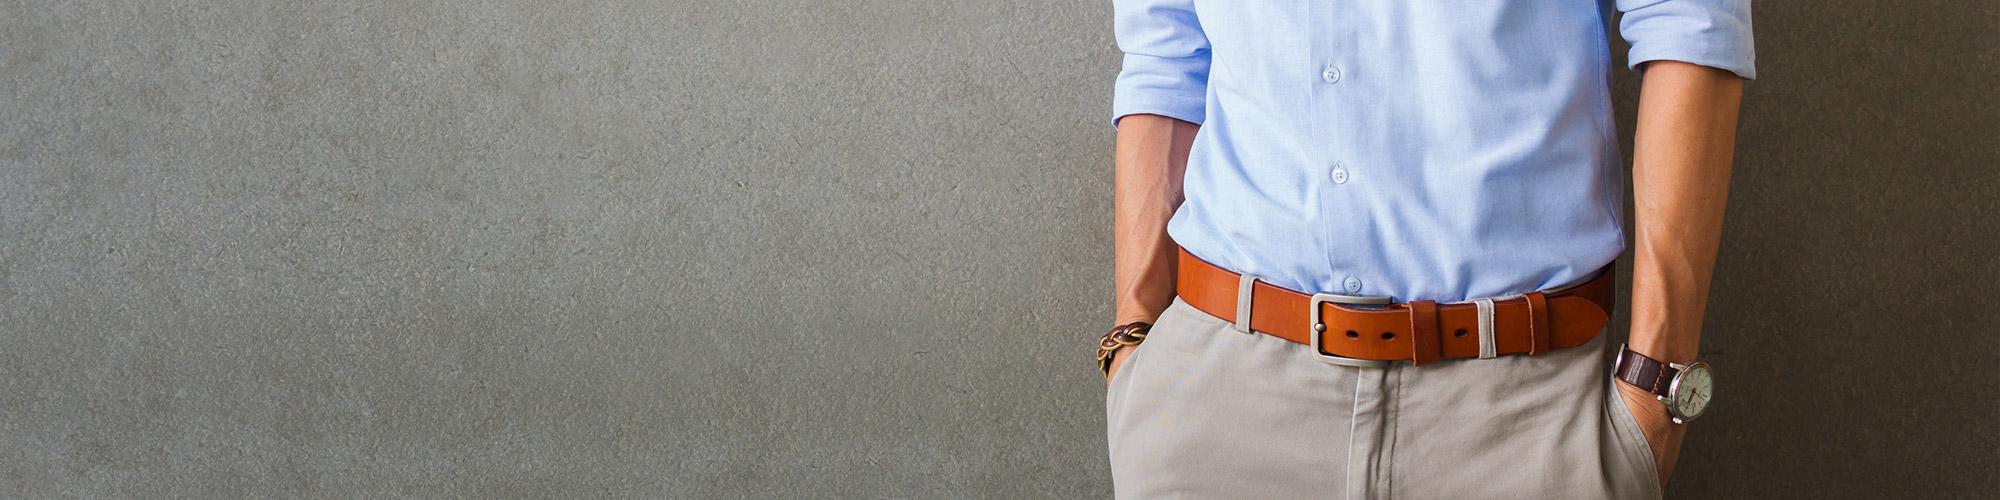 Abbigliamento maschile - Parma Retail Parco Commerciale